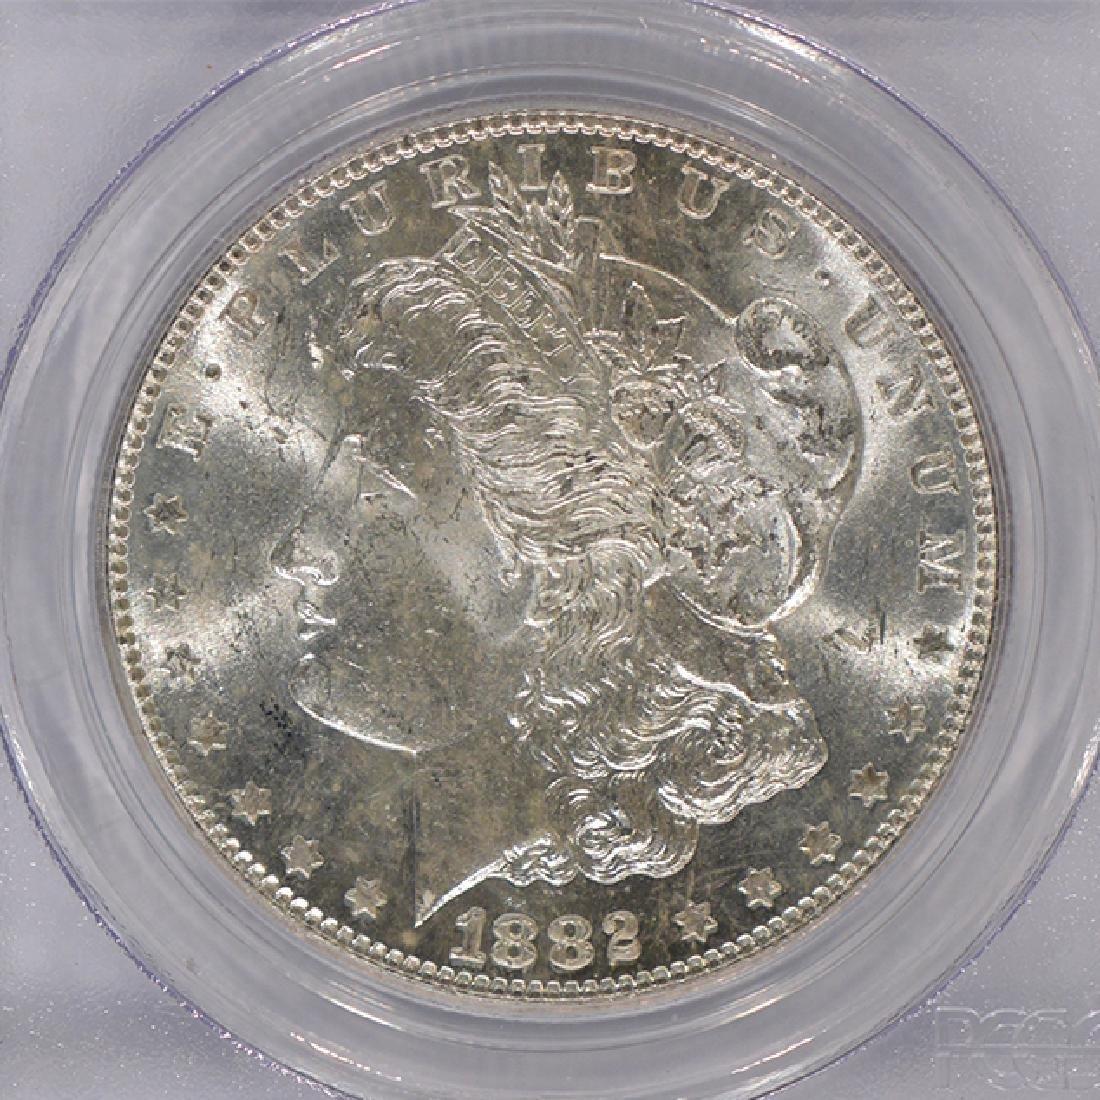 1882-S $1 Morgan Silver Dollar Coin PCGS MS63 - 3